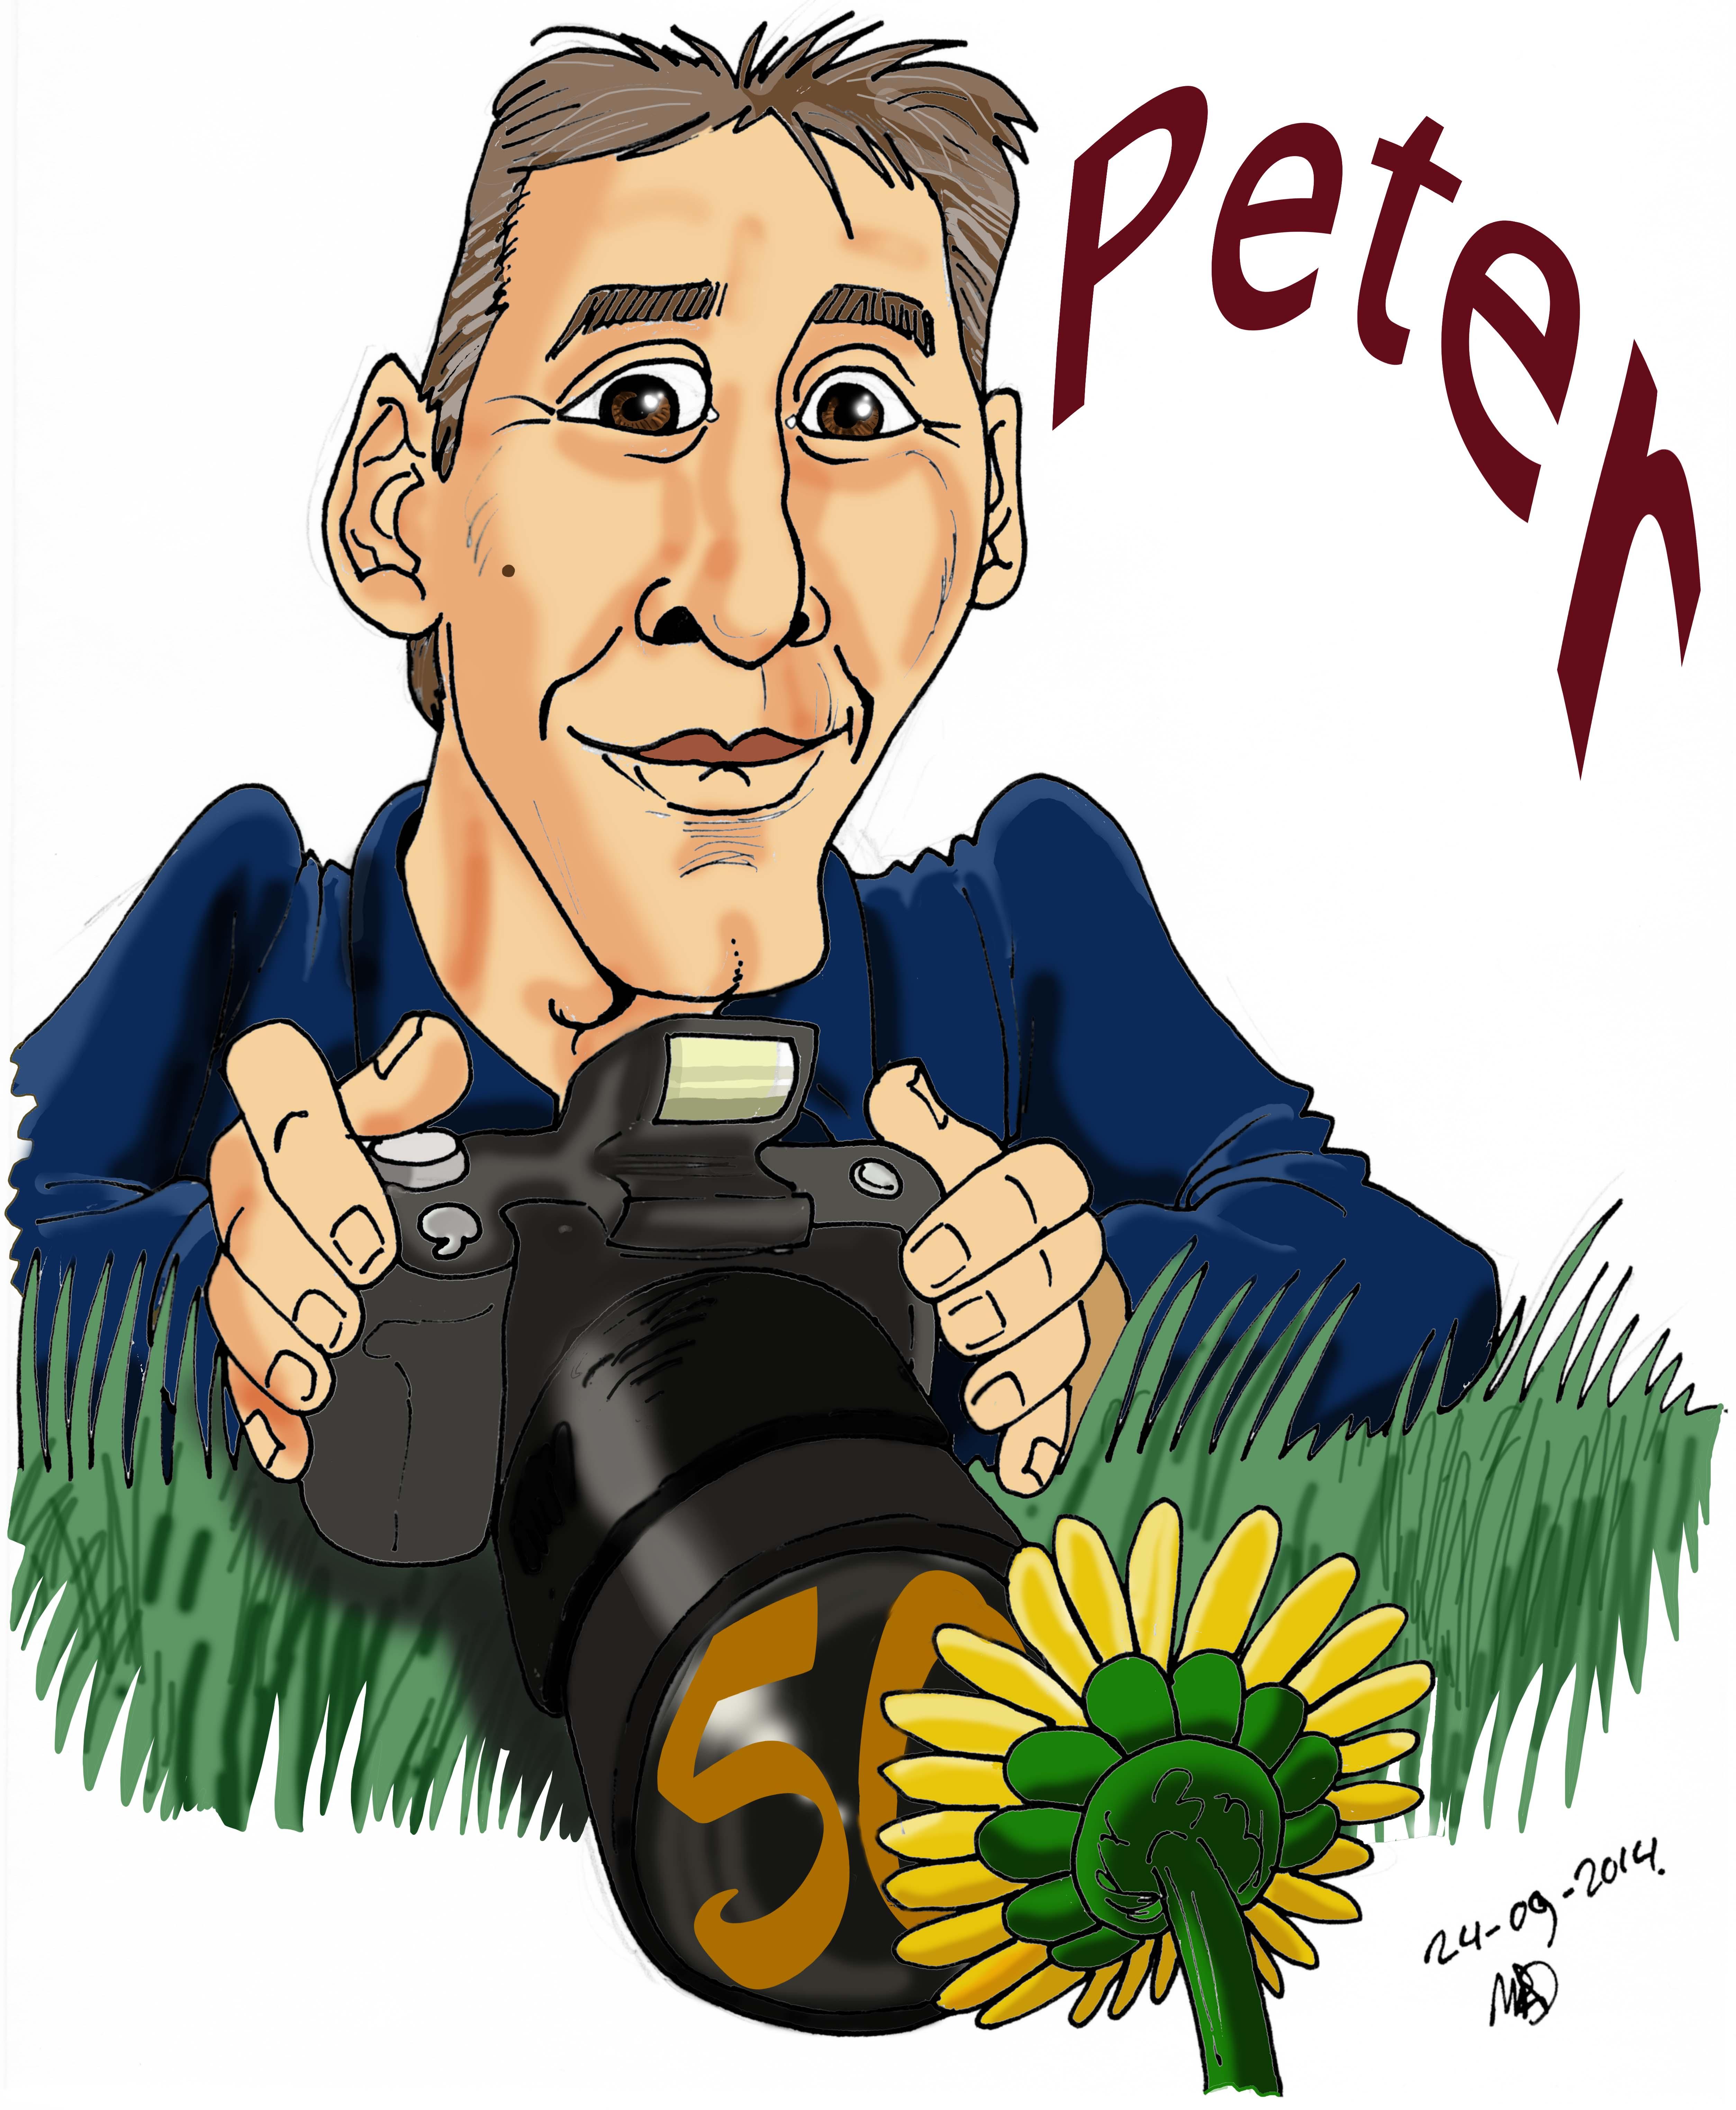 Peter van Loenhout Avans kleur werk collega Rickyfied AvansColl